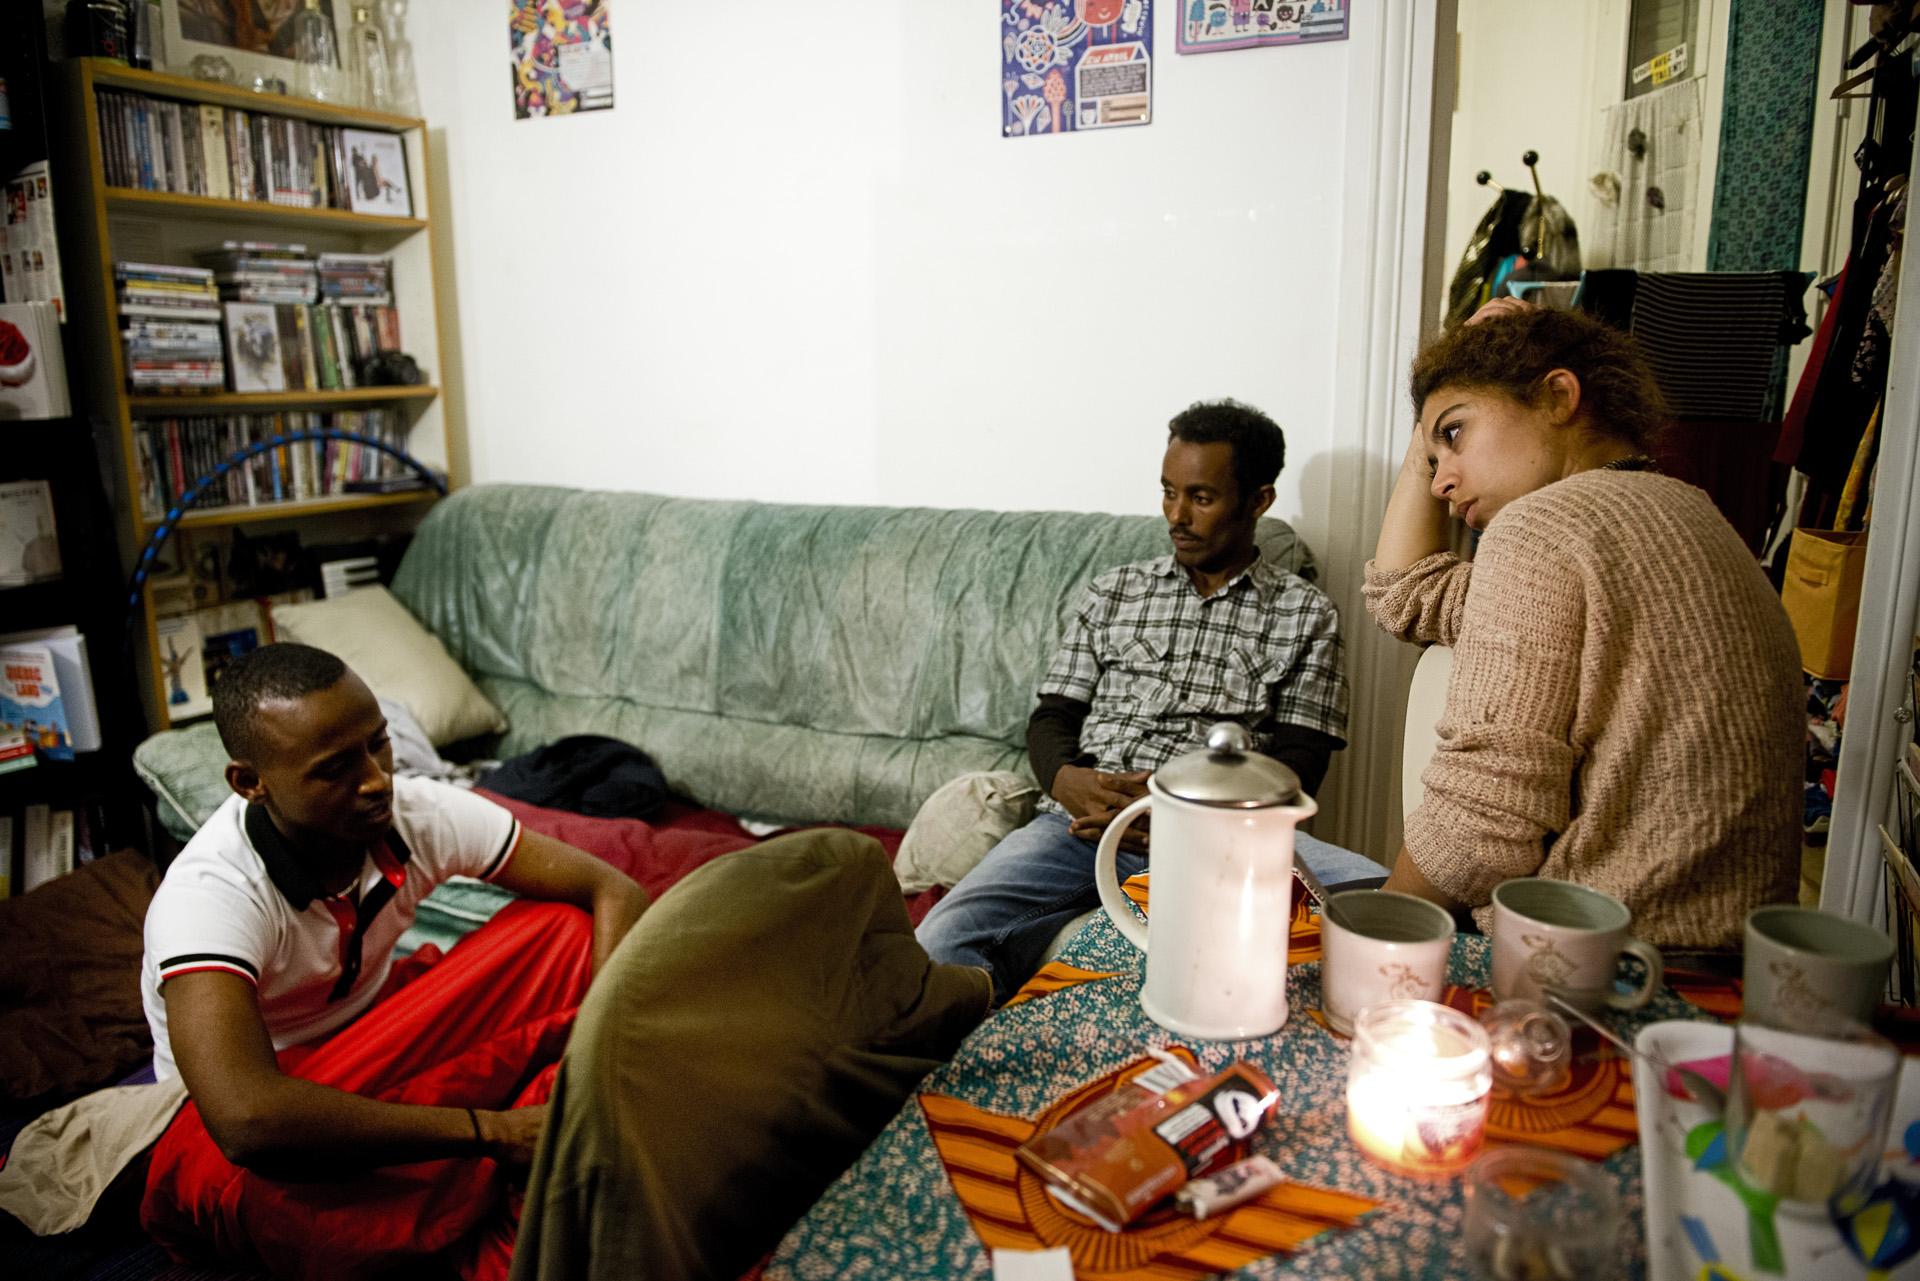 Choquée par les violences policières dont elle a été témoin lors d'une évacuation d'un camp de migrants début juin 2015, Manon, 25 ans, a commencé à héberger des migrants mineurs chez elle au début de l'été. Ce soir elle accueille Omar et Abdou Salam, tous deux originaires du Soudan.  Paris 18ème, le 9 juillet 2015.